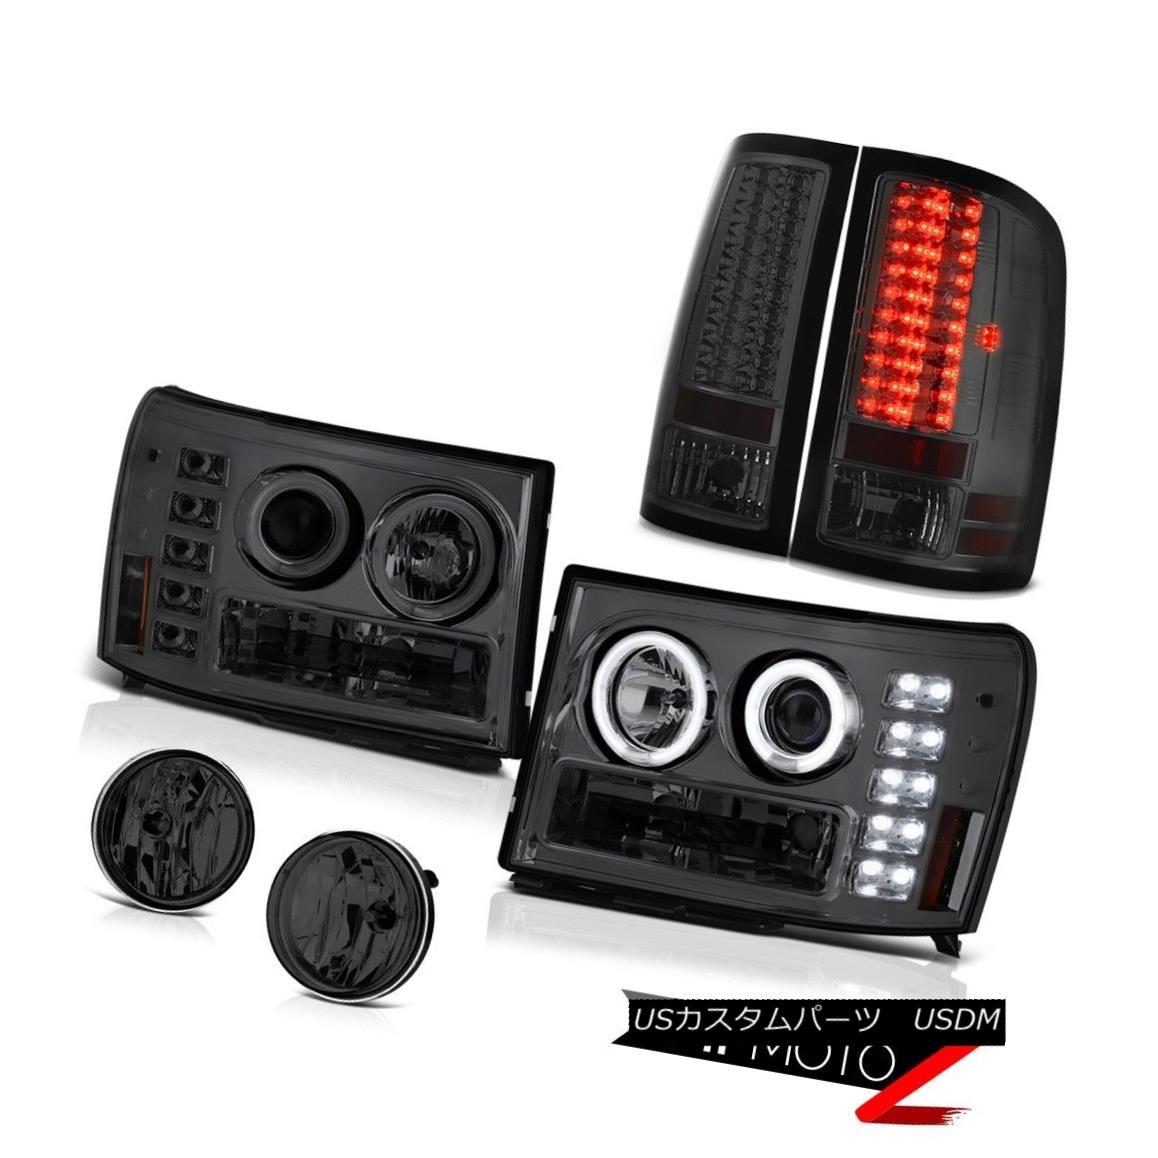 ヘッドライト Projector Halo DRL Headlights LED Bulb Tail Light 07-13 GMC Sierra WT Bumper Fog プロジェクターHalo DRLヘッドライトLED電球テールライト07-13 GMC Sierra WTバンパーフォグ